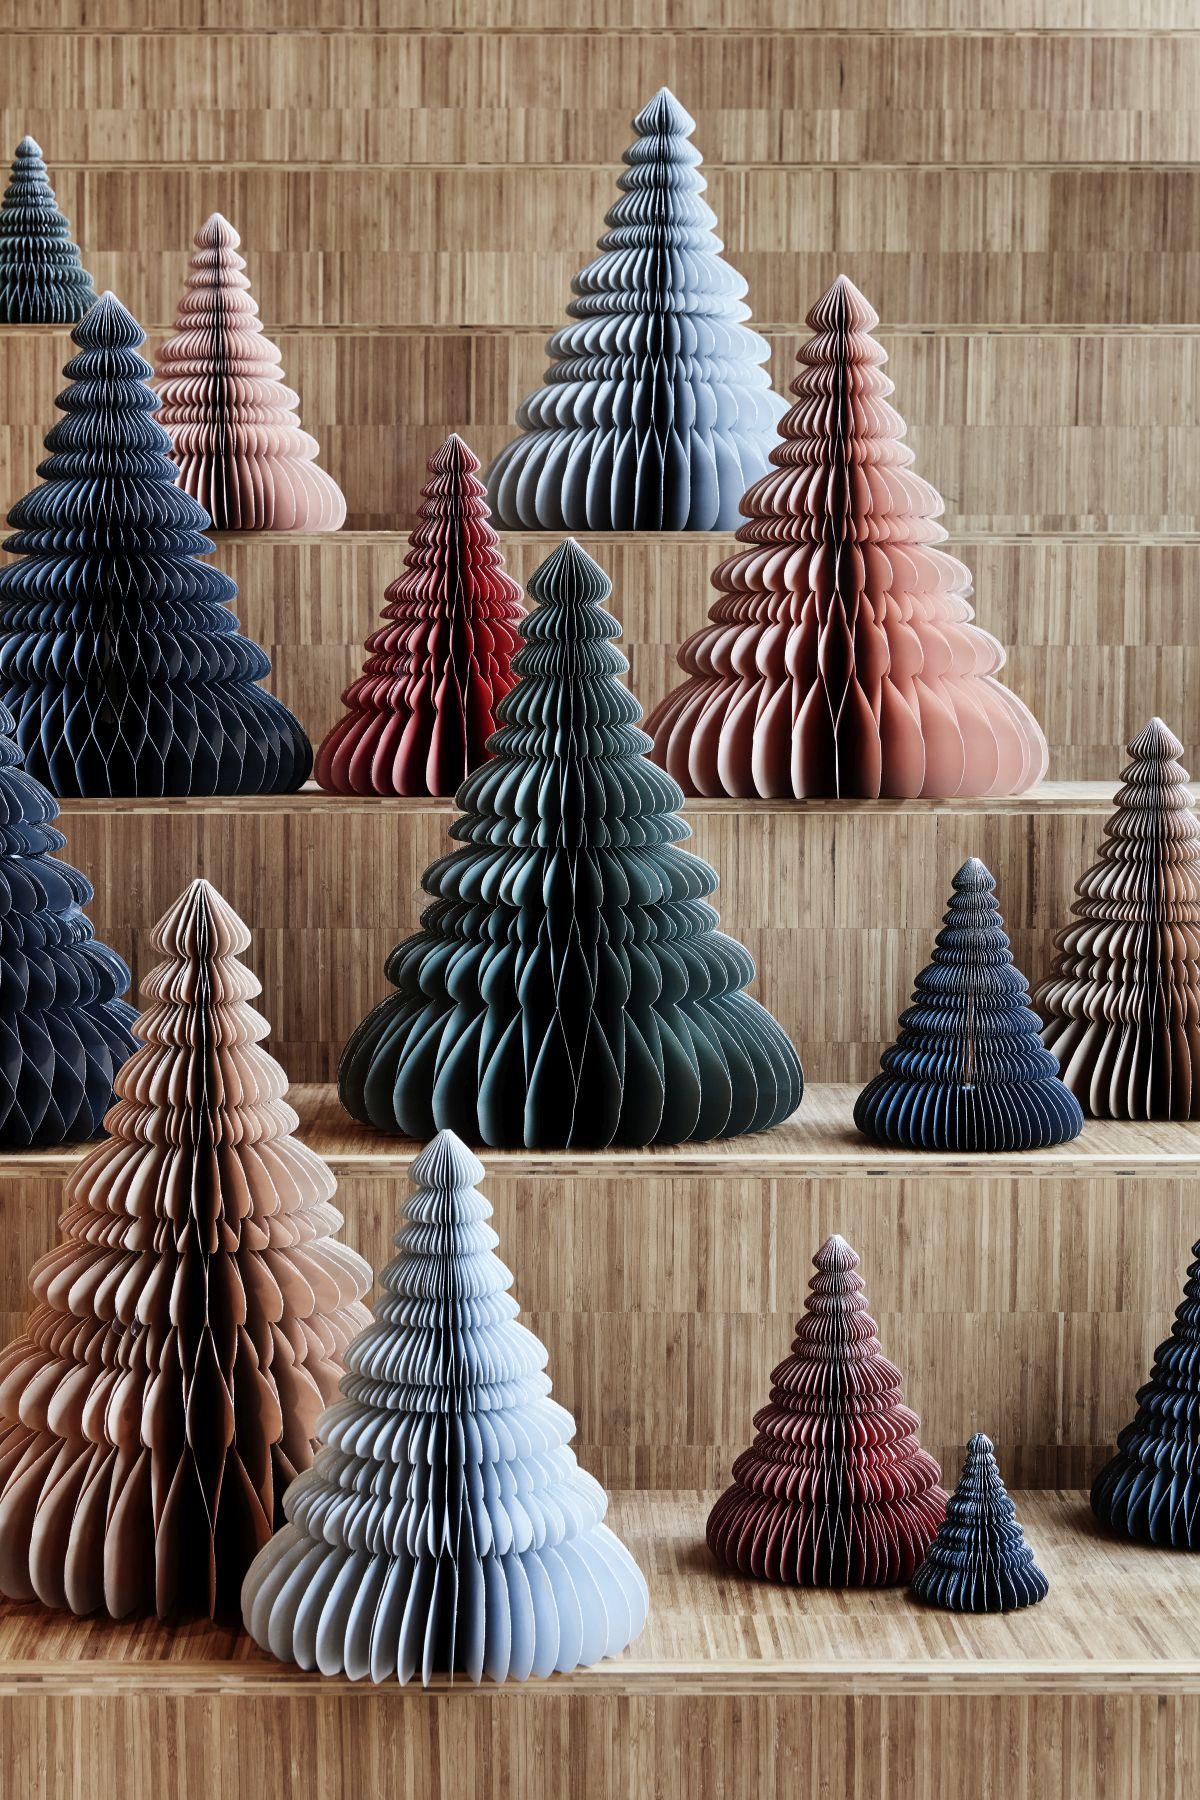 papierowe dekoracje w kształcie drzewka choinki Broste Copenhagen